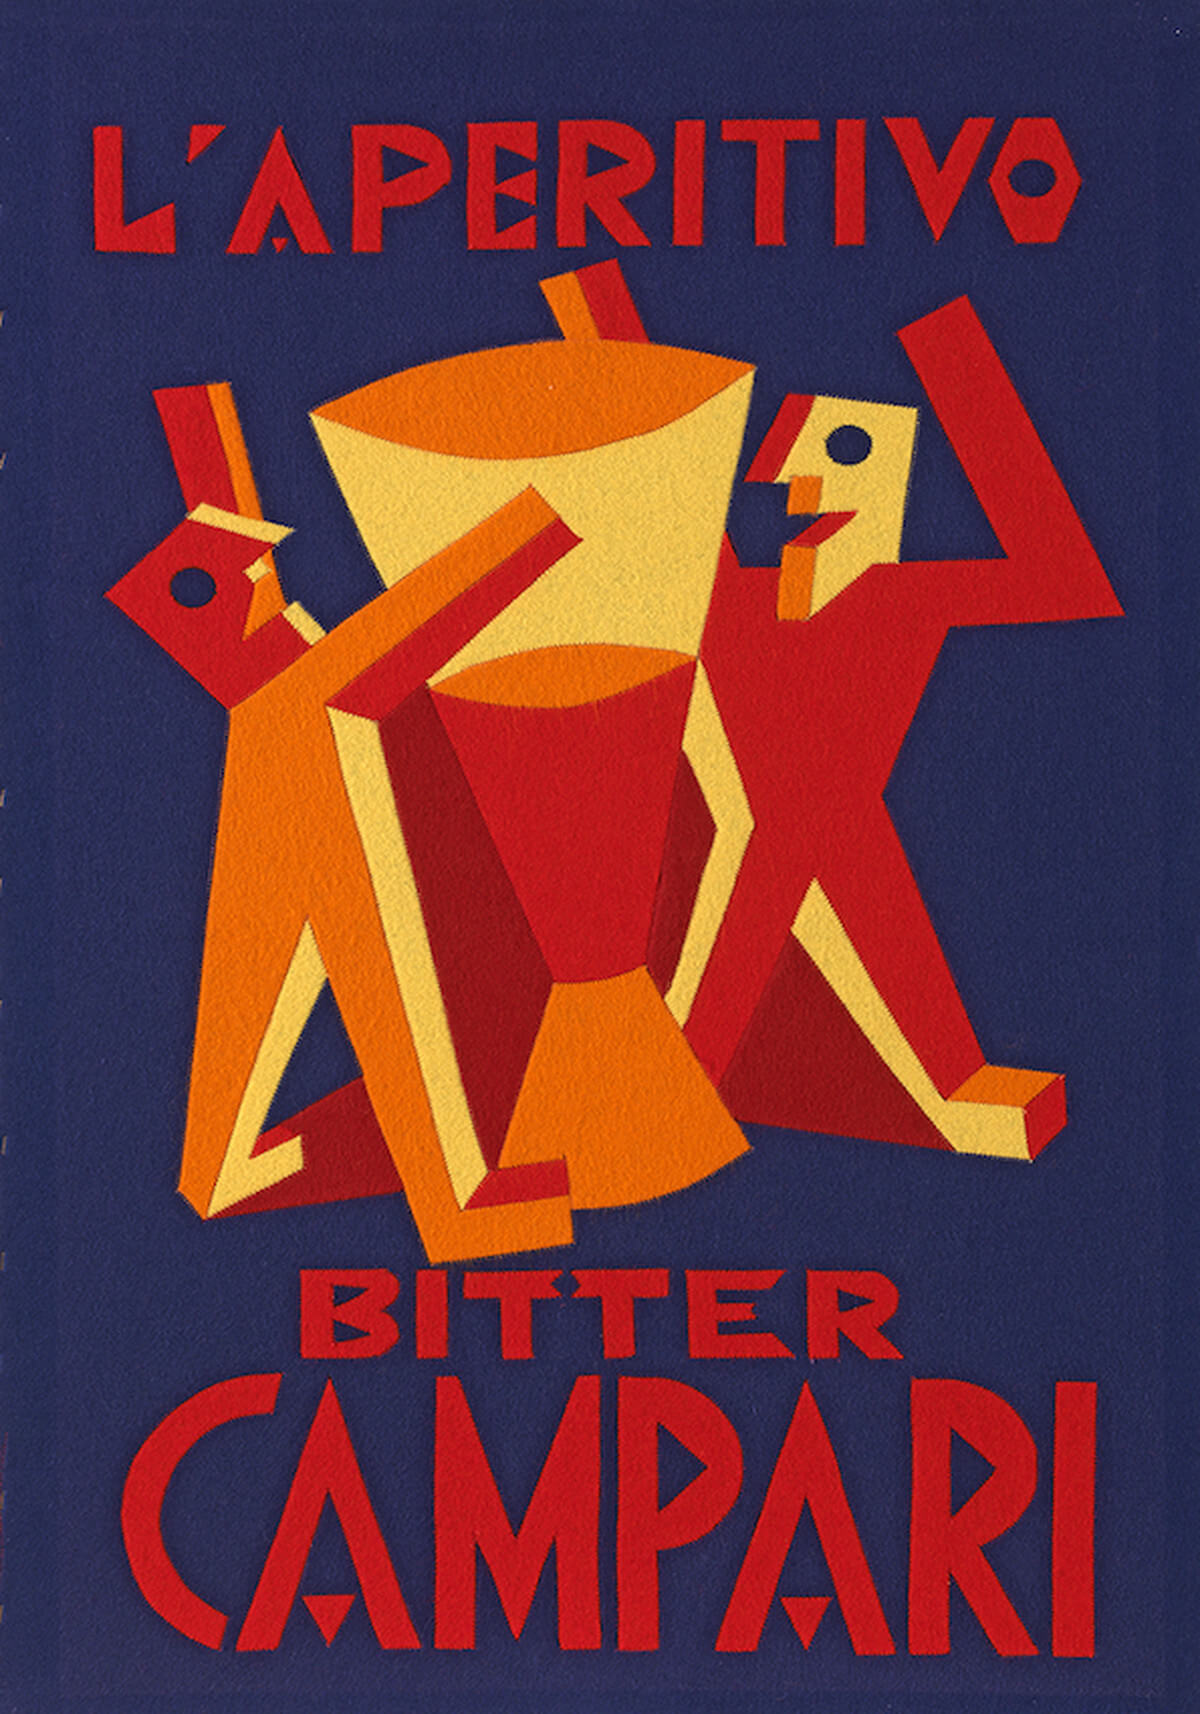 grafica-pubblicitaria-futurista-fortunato-depero-campari-rosso